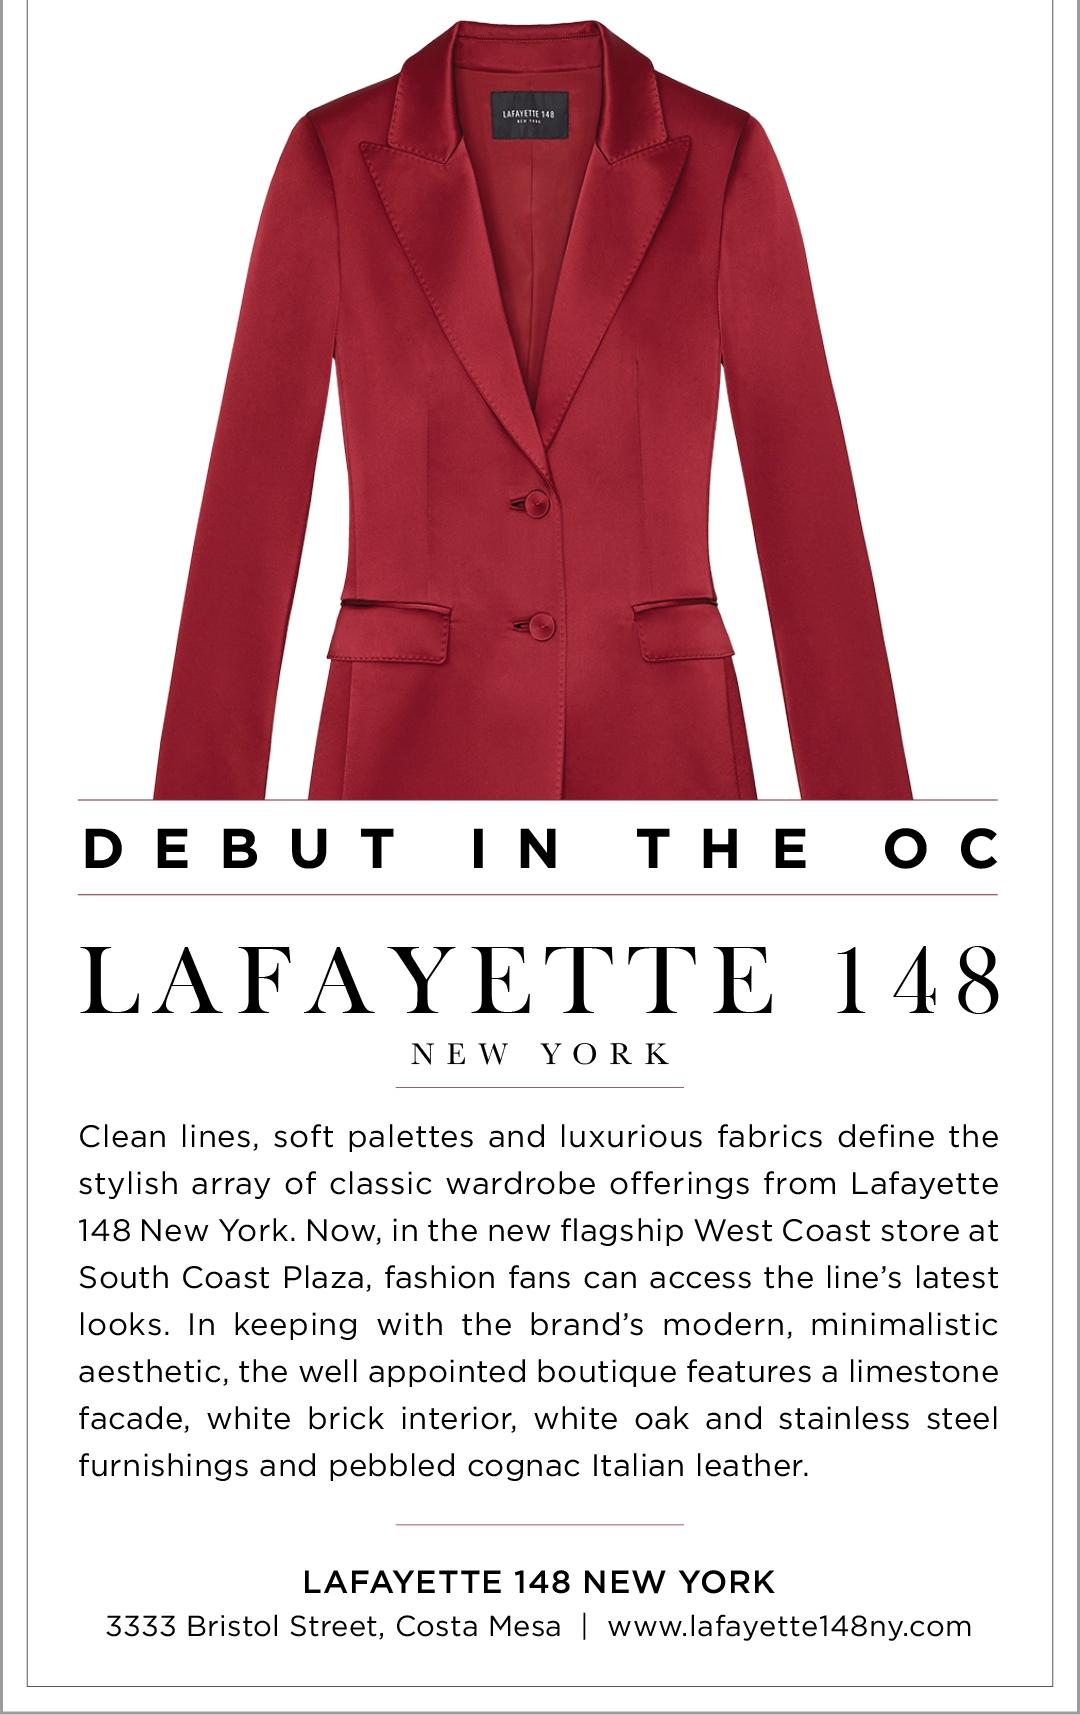 Lafayette_Debut.jpg